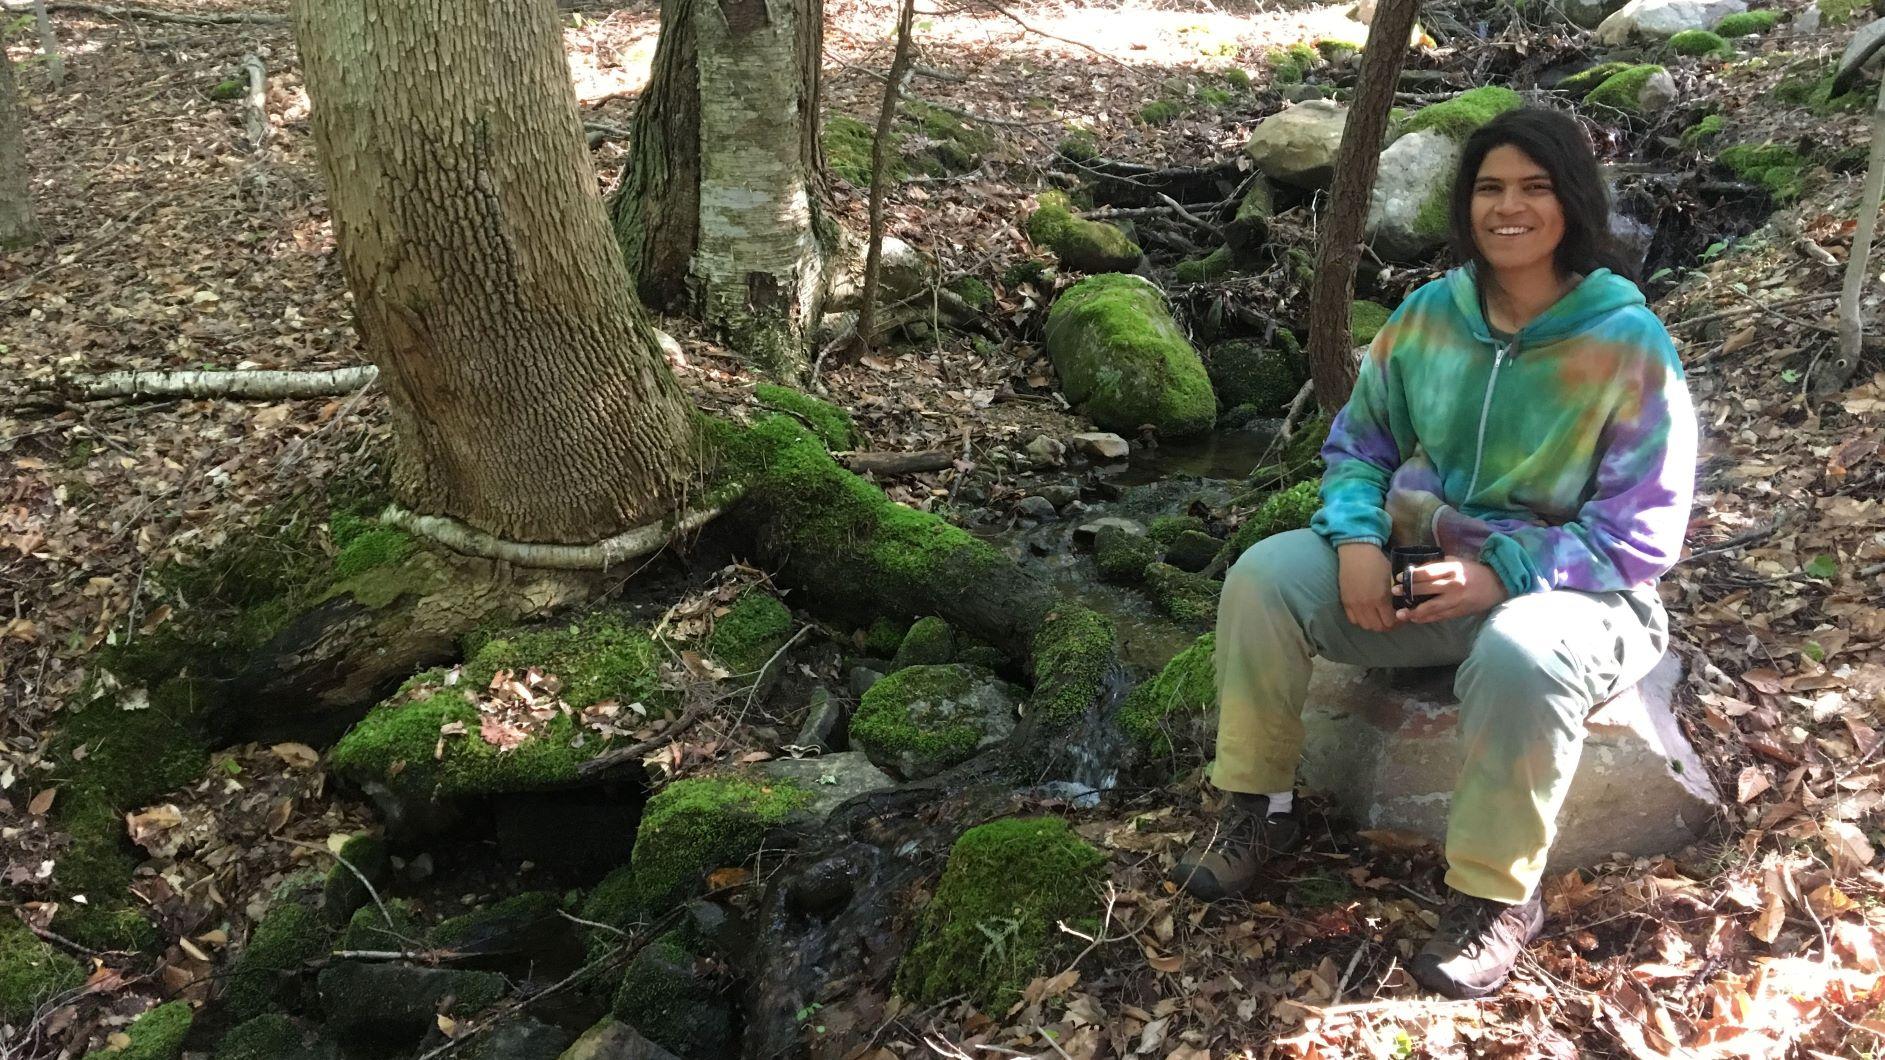 Zeke in the woods